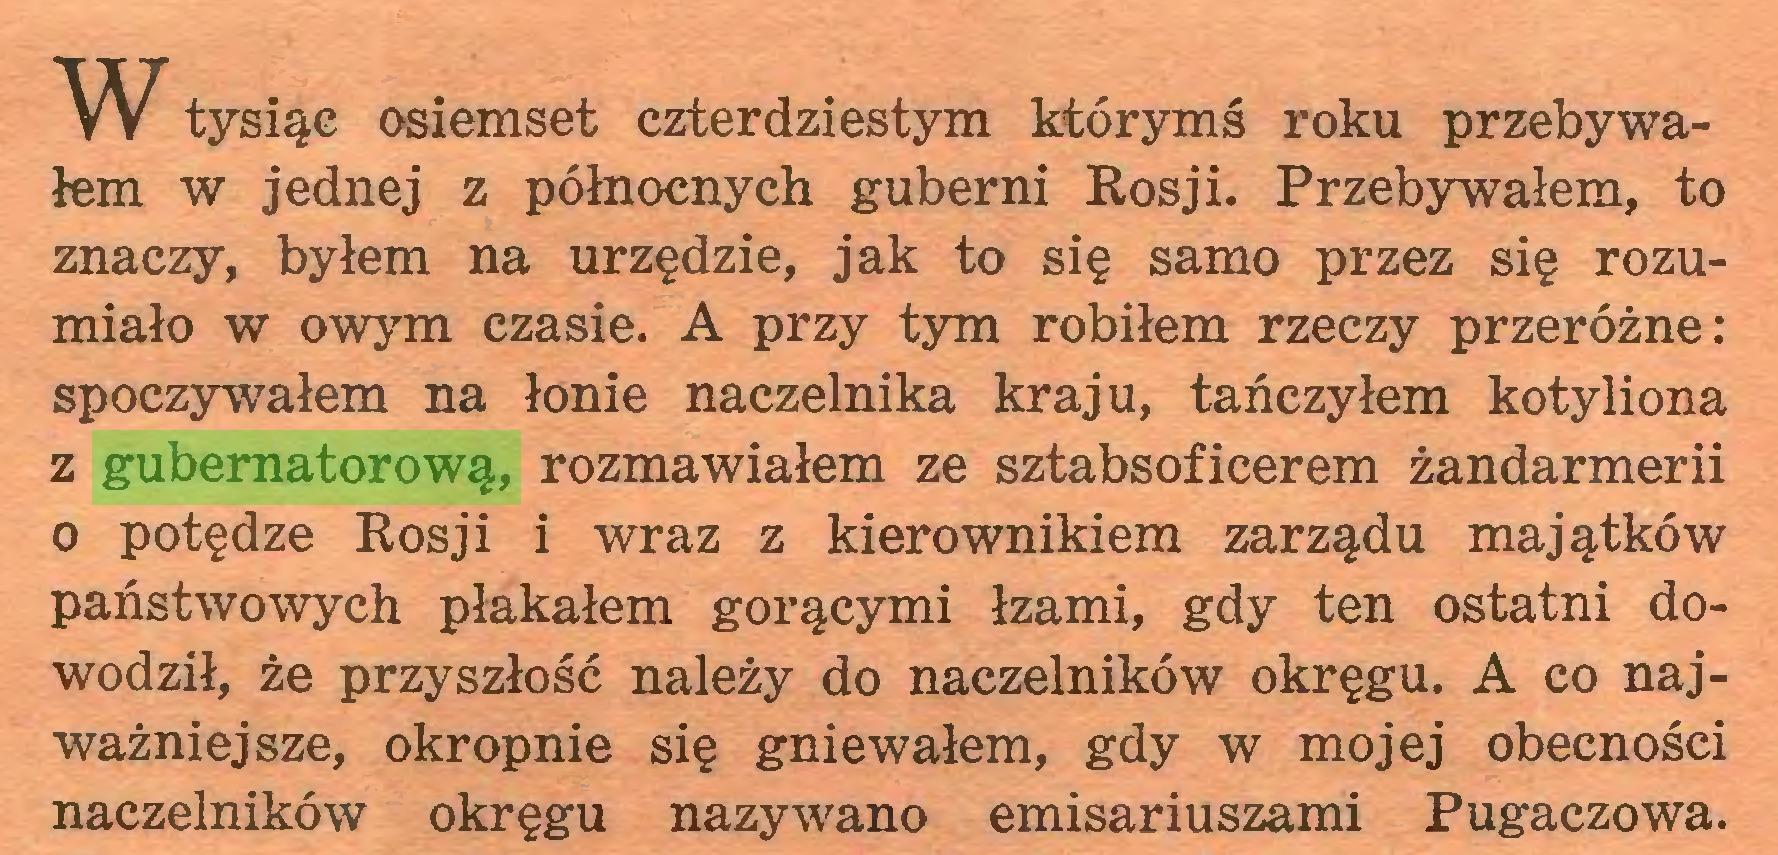 (...) W tysiąc osiemset czterdziestym którymś roku przebywałem w jednej z północnych guberni Rosji. Przebywałem, to znaczy, byłem na urzędzie, jak to się samo przez się rozumiało w owym czasie. A przy tym robiłem rzeczy przeróżne: spoczywałem na łonie naczelnika kraju, tańczyłem kotyliona z gubernatorową, rozmawiałem ze sztabsofieerem żandarmerii o potędze Rosji i wraz z kierownikiem zarządu majątków państwowych płakałem gorącymi łzami, gdy ten ostatni dowodził, że przyszłość należy do naczelników okręgu. A co najważniejsze, okropnie się gniewałem, gdy w mojej obecności naczelników okręgu nazywano emisariuszami Pugaczowa...